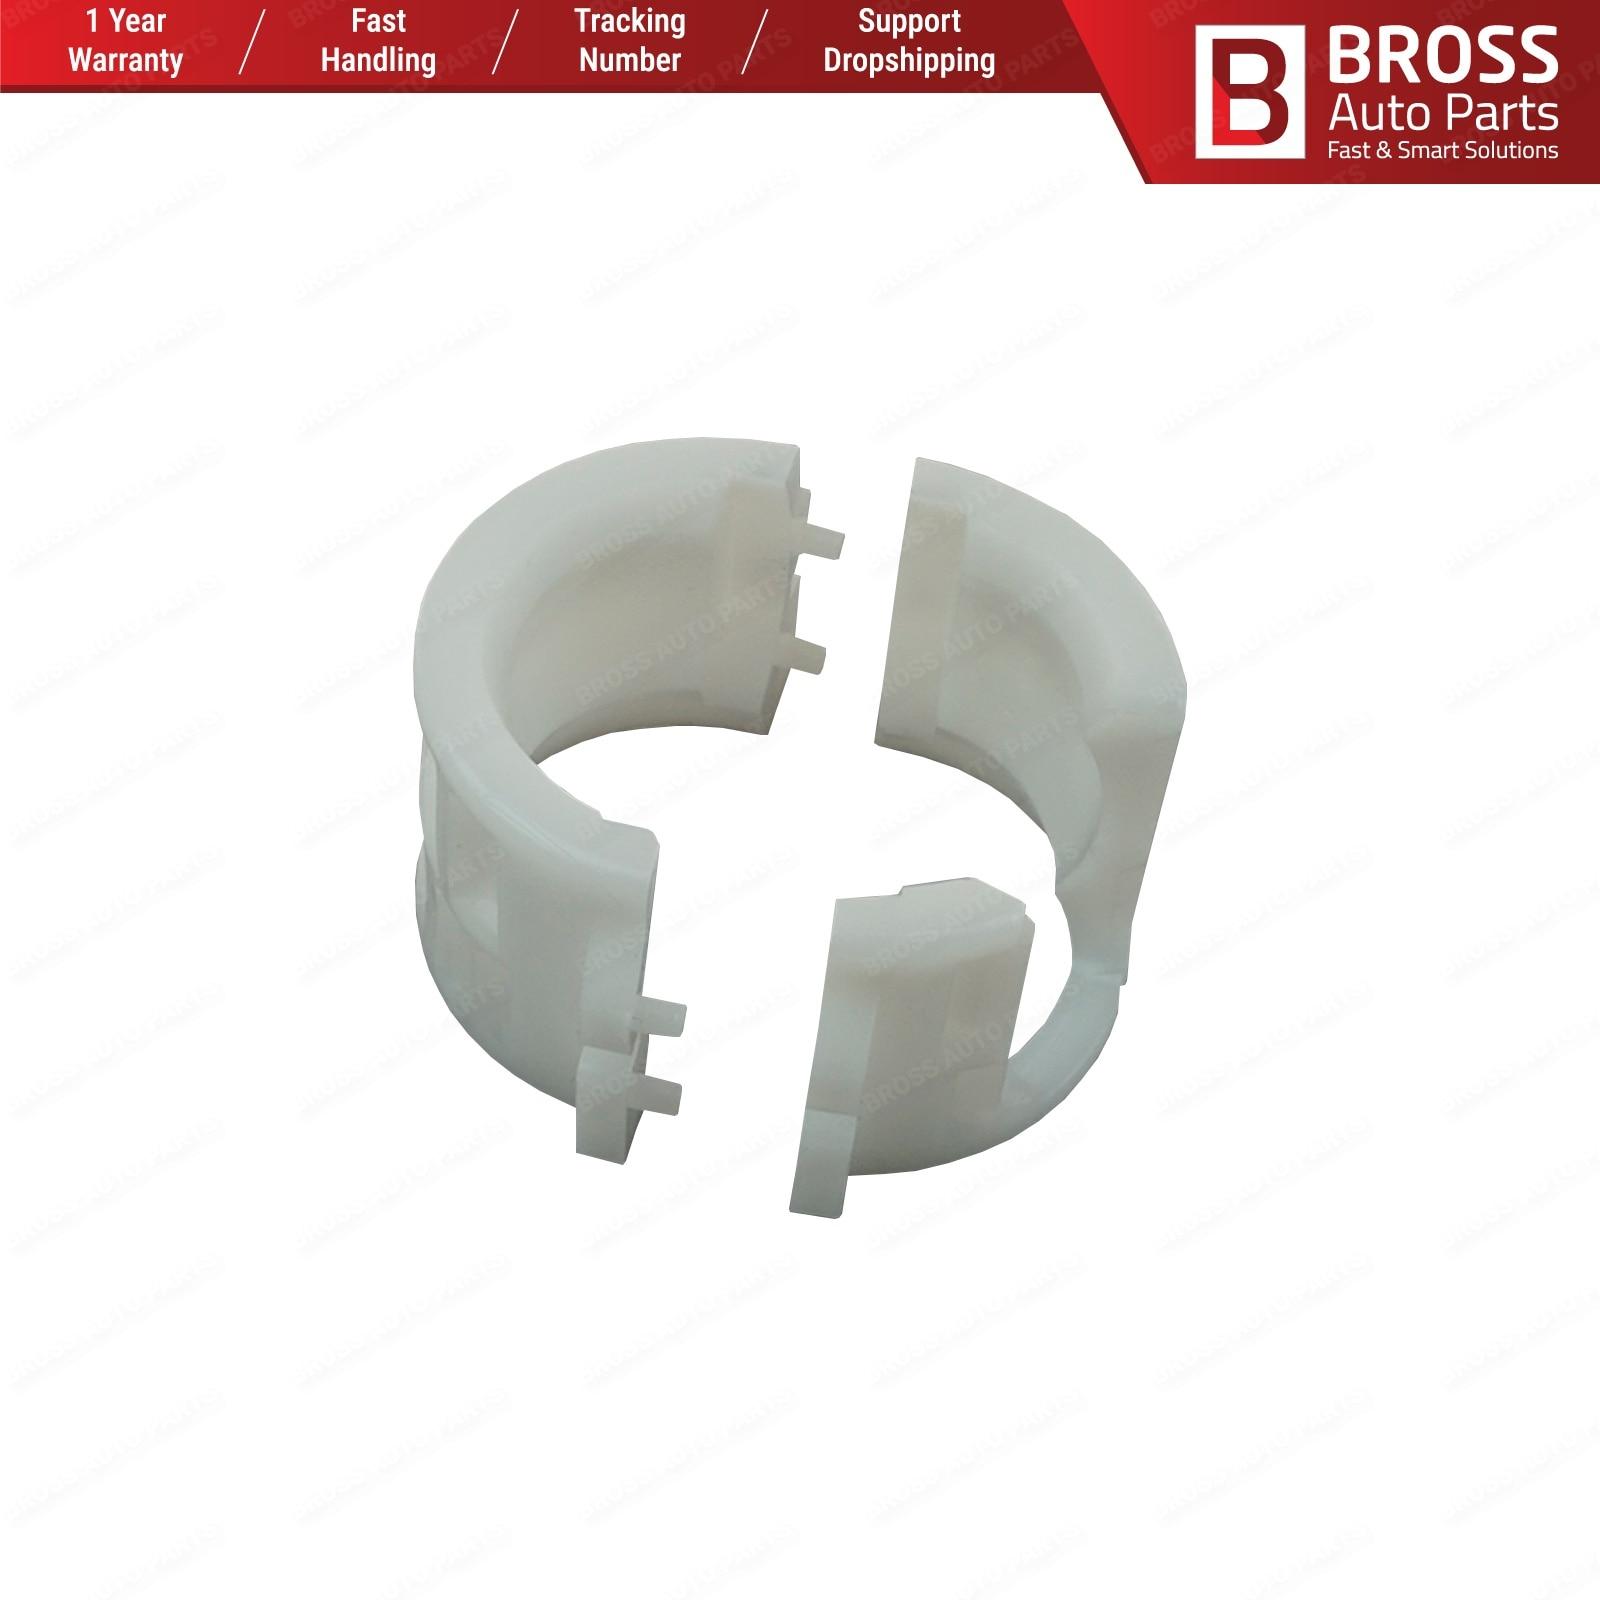 BDP1056 Transmission Drivetrain Gear Selector Shift Stick Lever Bush Repair Set A6392605309 For Mercedes W639 Vito Viano